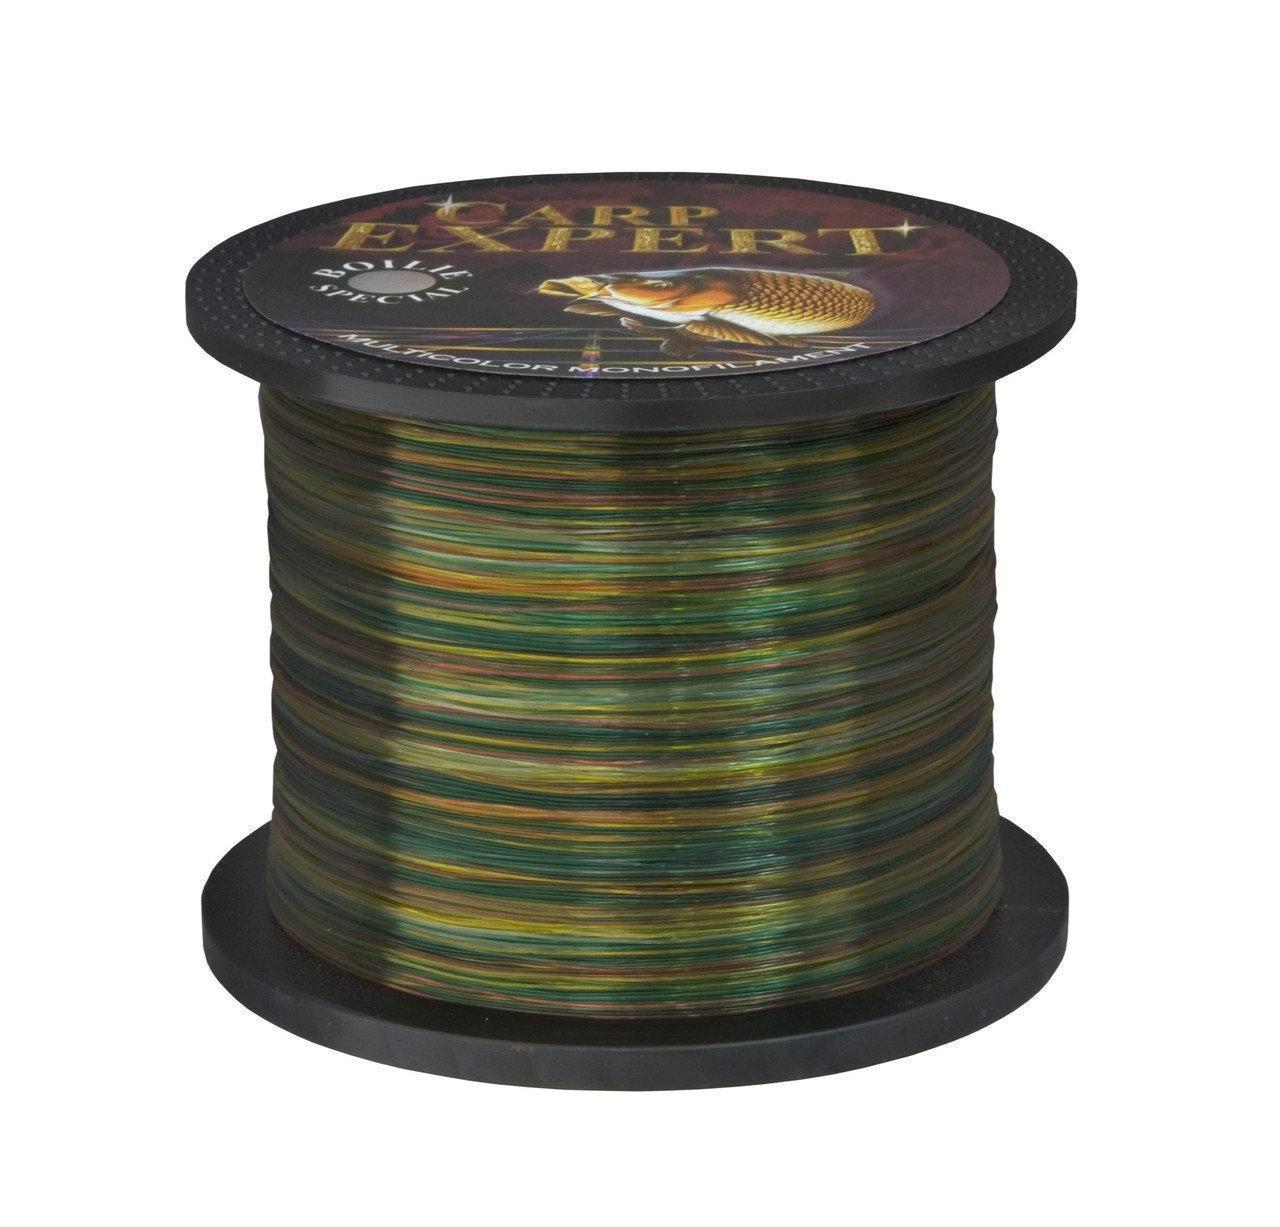 Волосінь фідерна Carp Expert Multicolor Boilie Special 1000 м 0.35 мм 14.9 кг